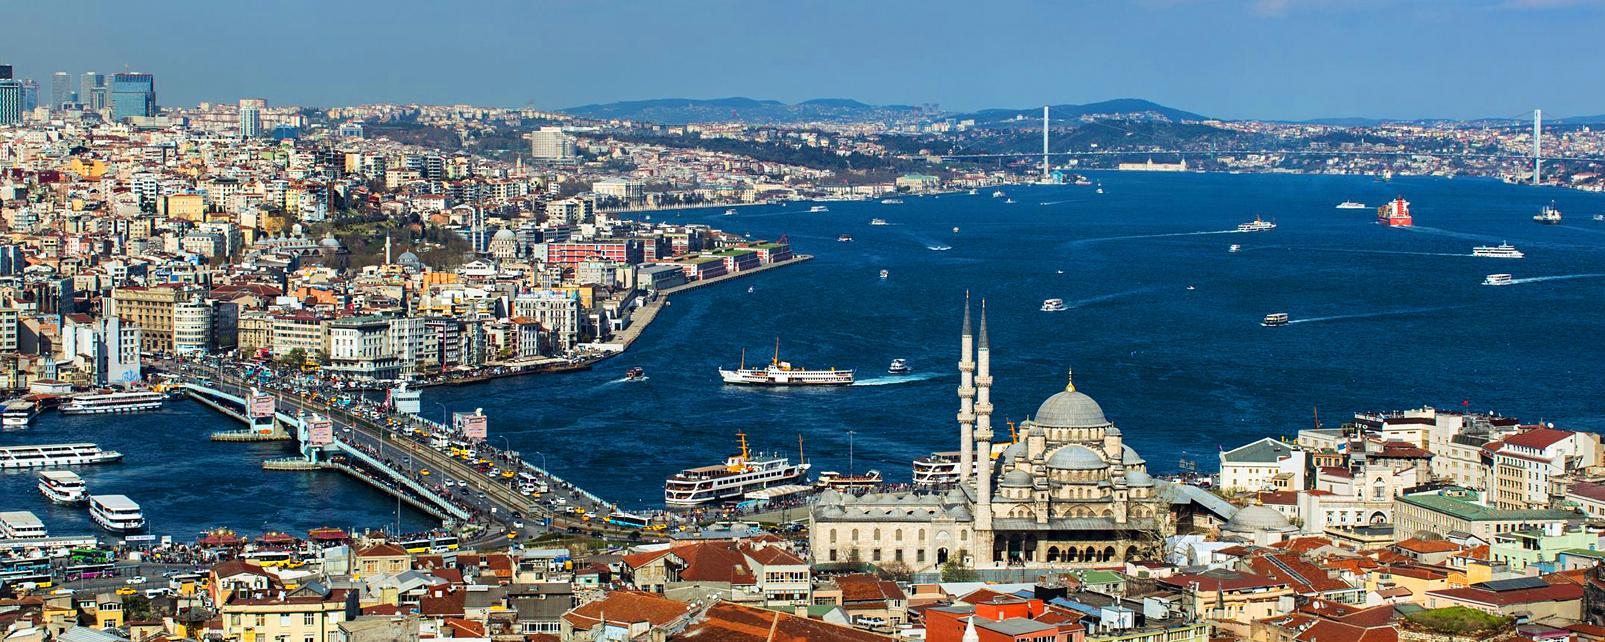 القسطنطينية، قصة المدينة التي اشتهاها العالم